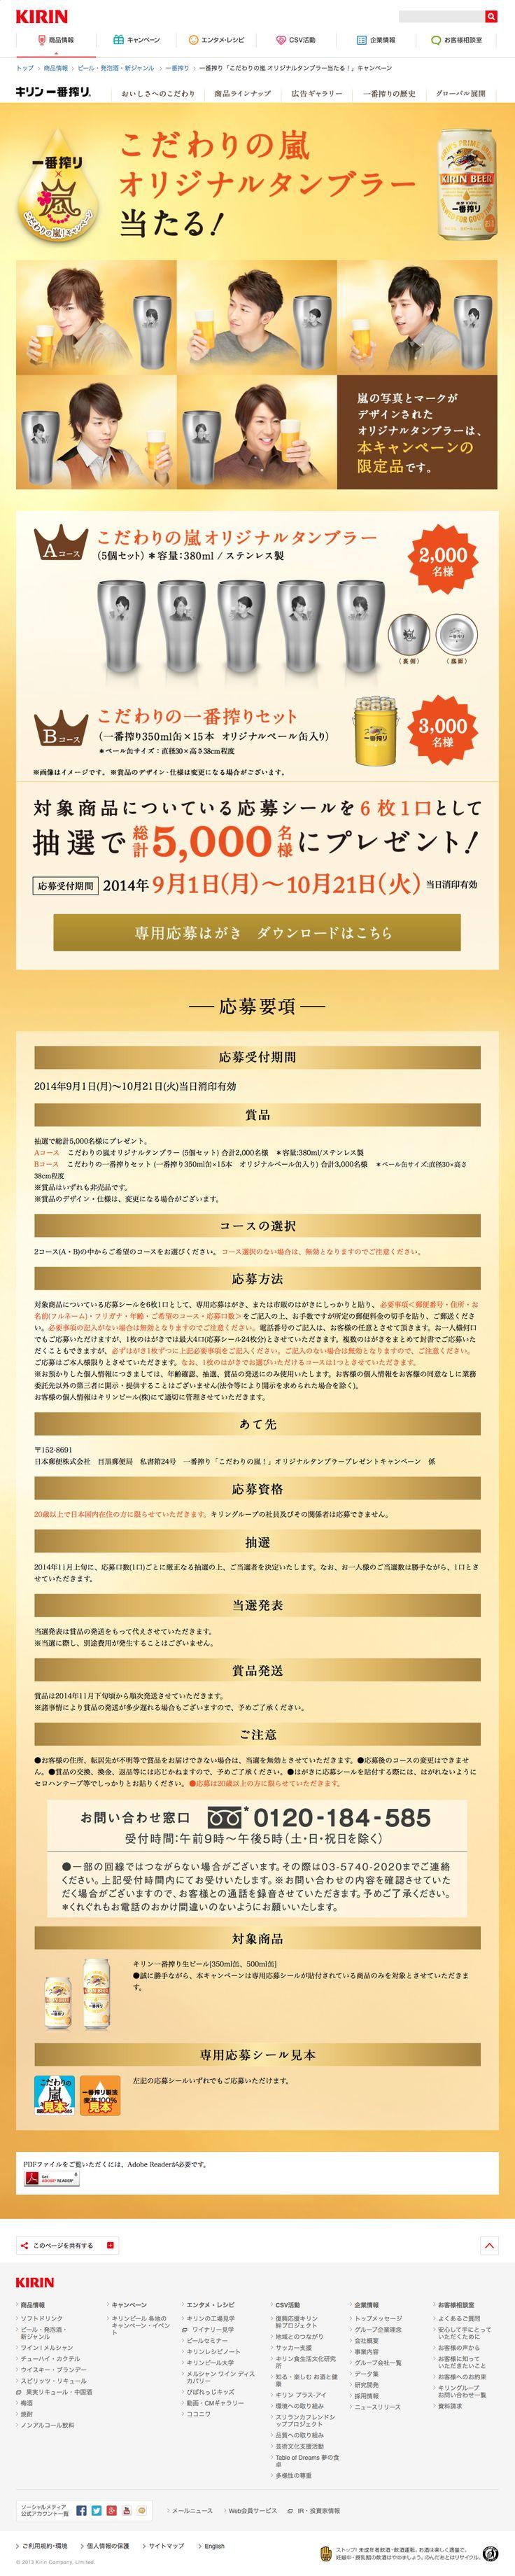 一番搾り「こだわりの嵐 オリジナルタンブラー当たる!」キャンペーン|一番搾り|ビール・発泡酒・新ジャンル|キリン